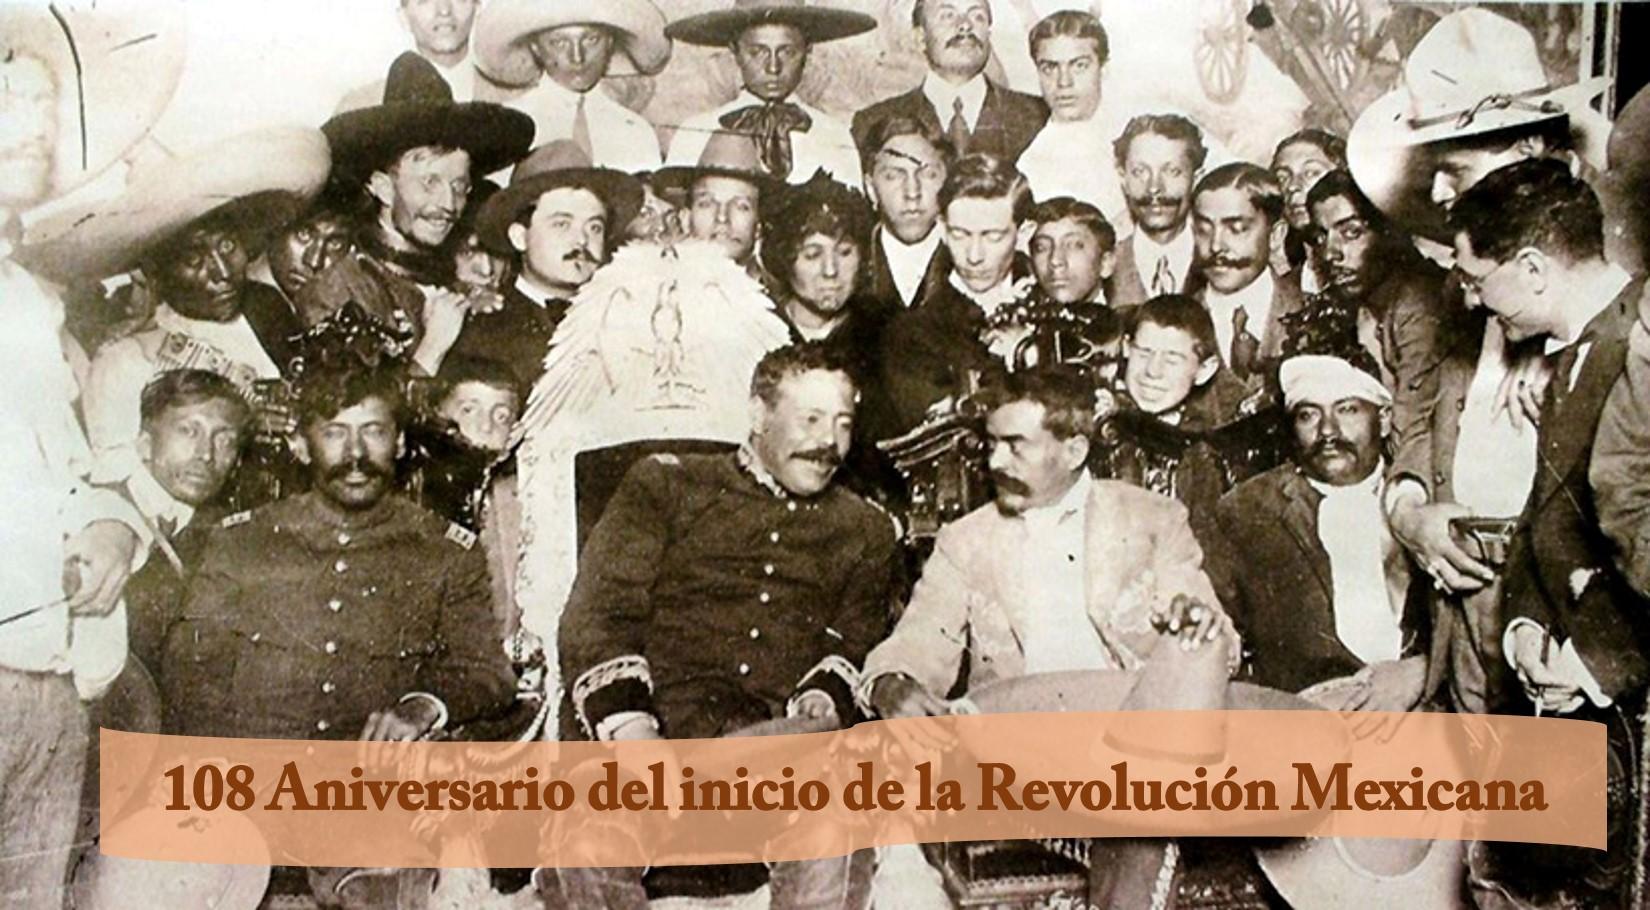 Diputados+conmemoran+el+108+aniversario+de+la+Revoluci%C3%B3n+Mexicana